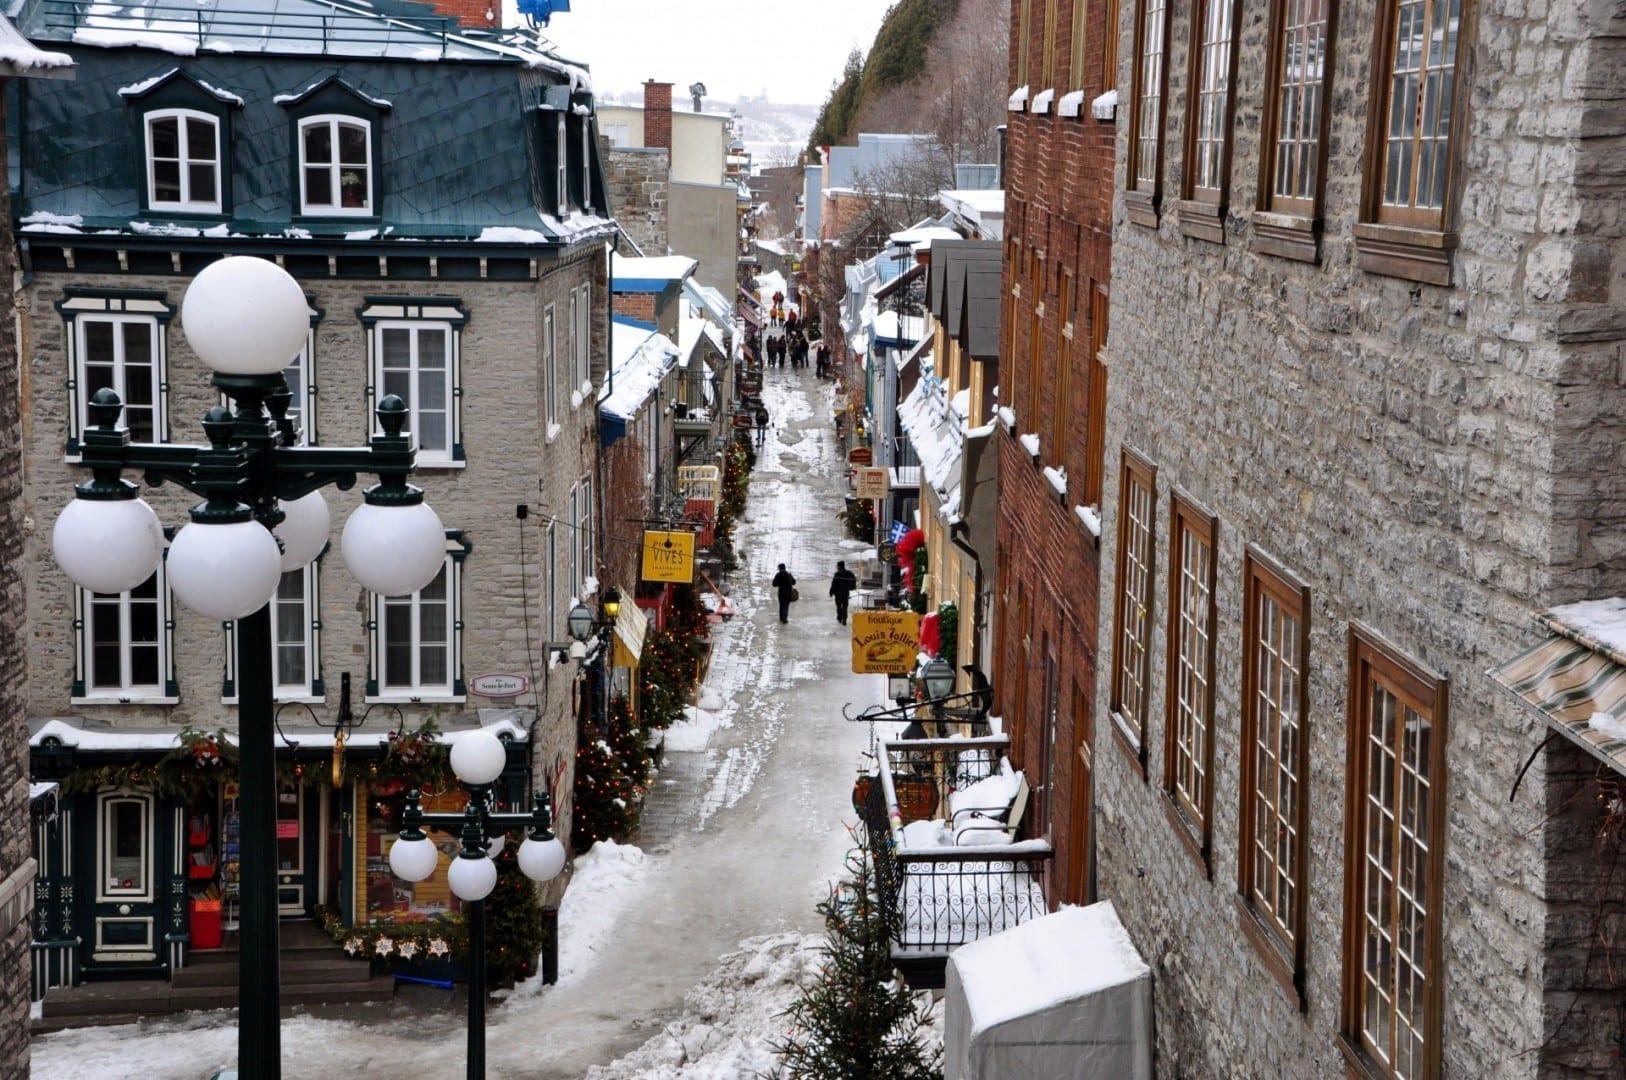 El invierno en la parte baja de la ciudad Quebec Canadá